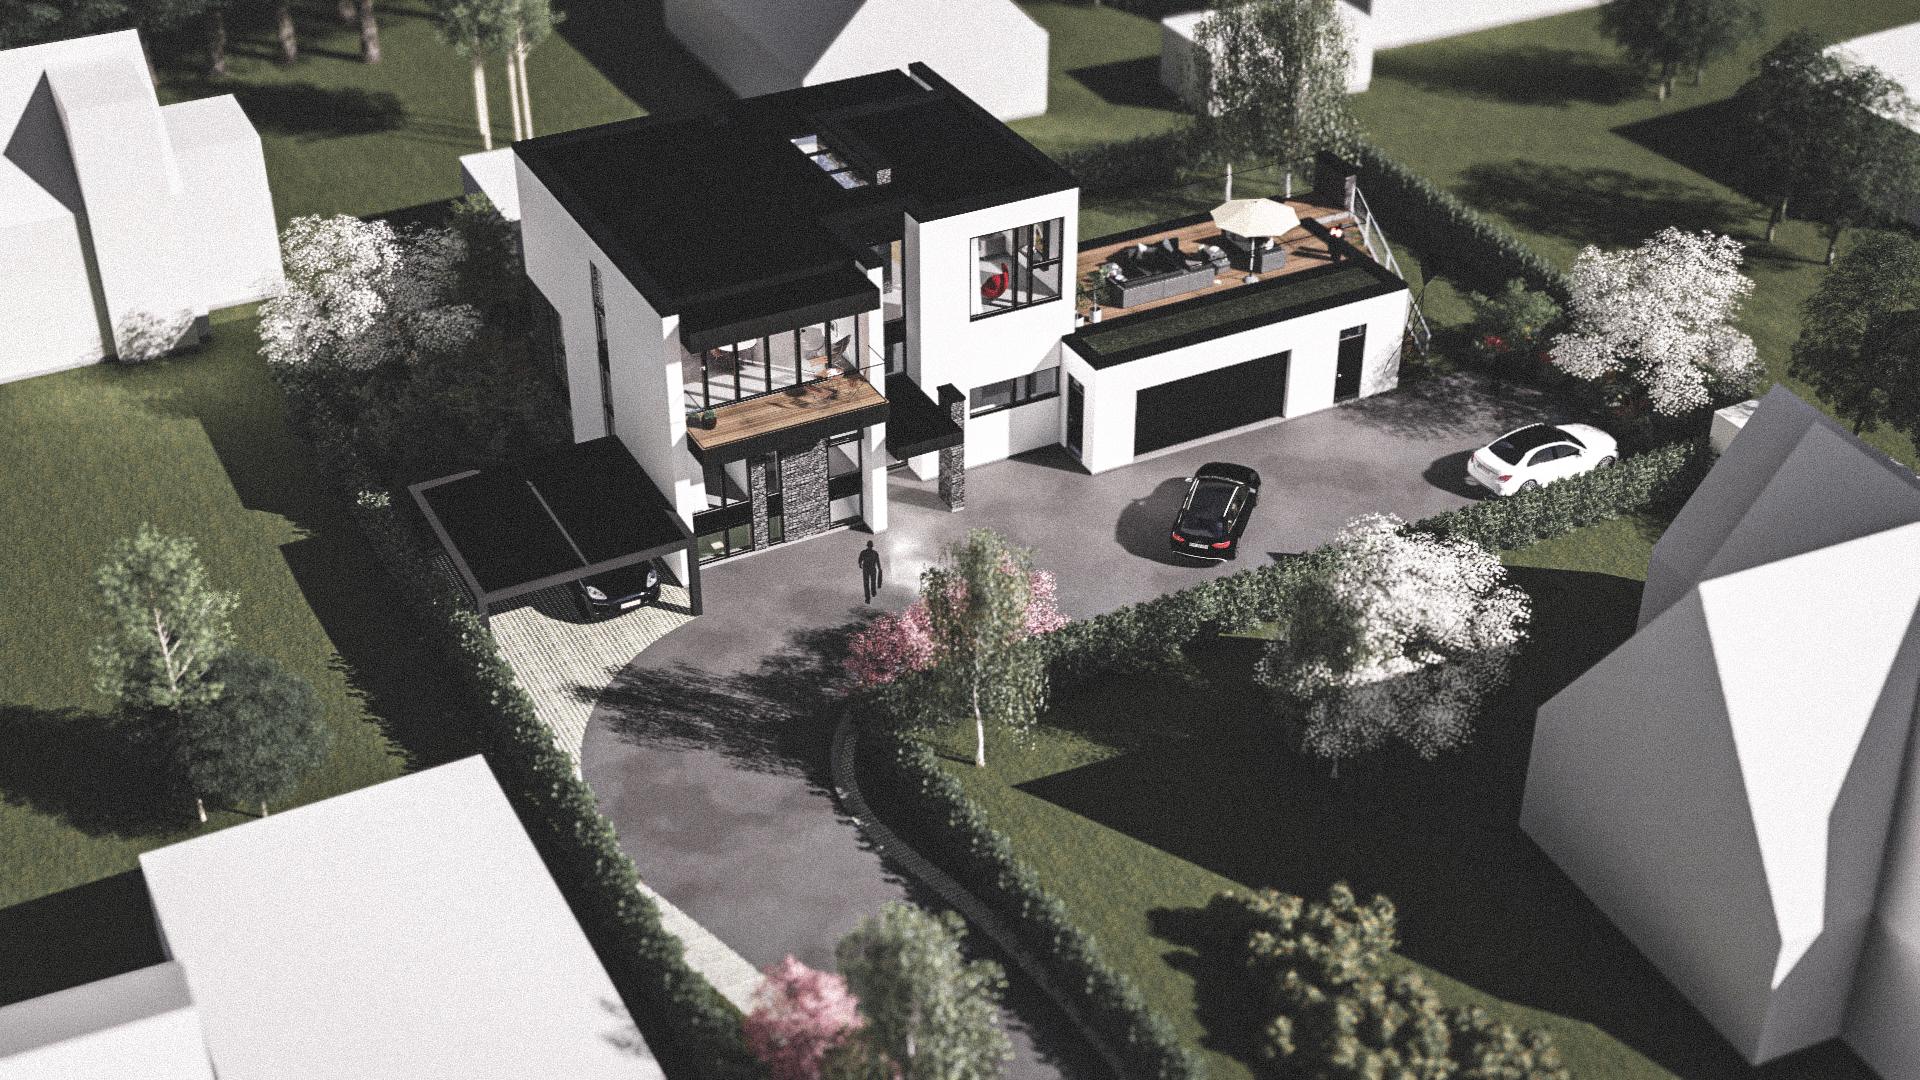 Billede af Dansk arkitekttegnet 3 plan villa af arkitektfirmaet m2plus, i Rungsted på 385 kvartratmeter.